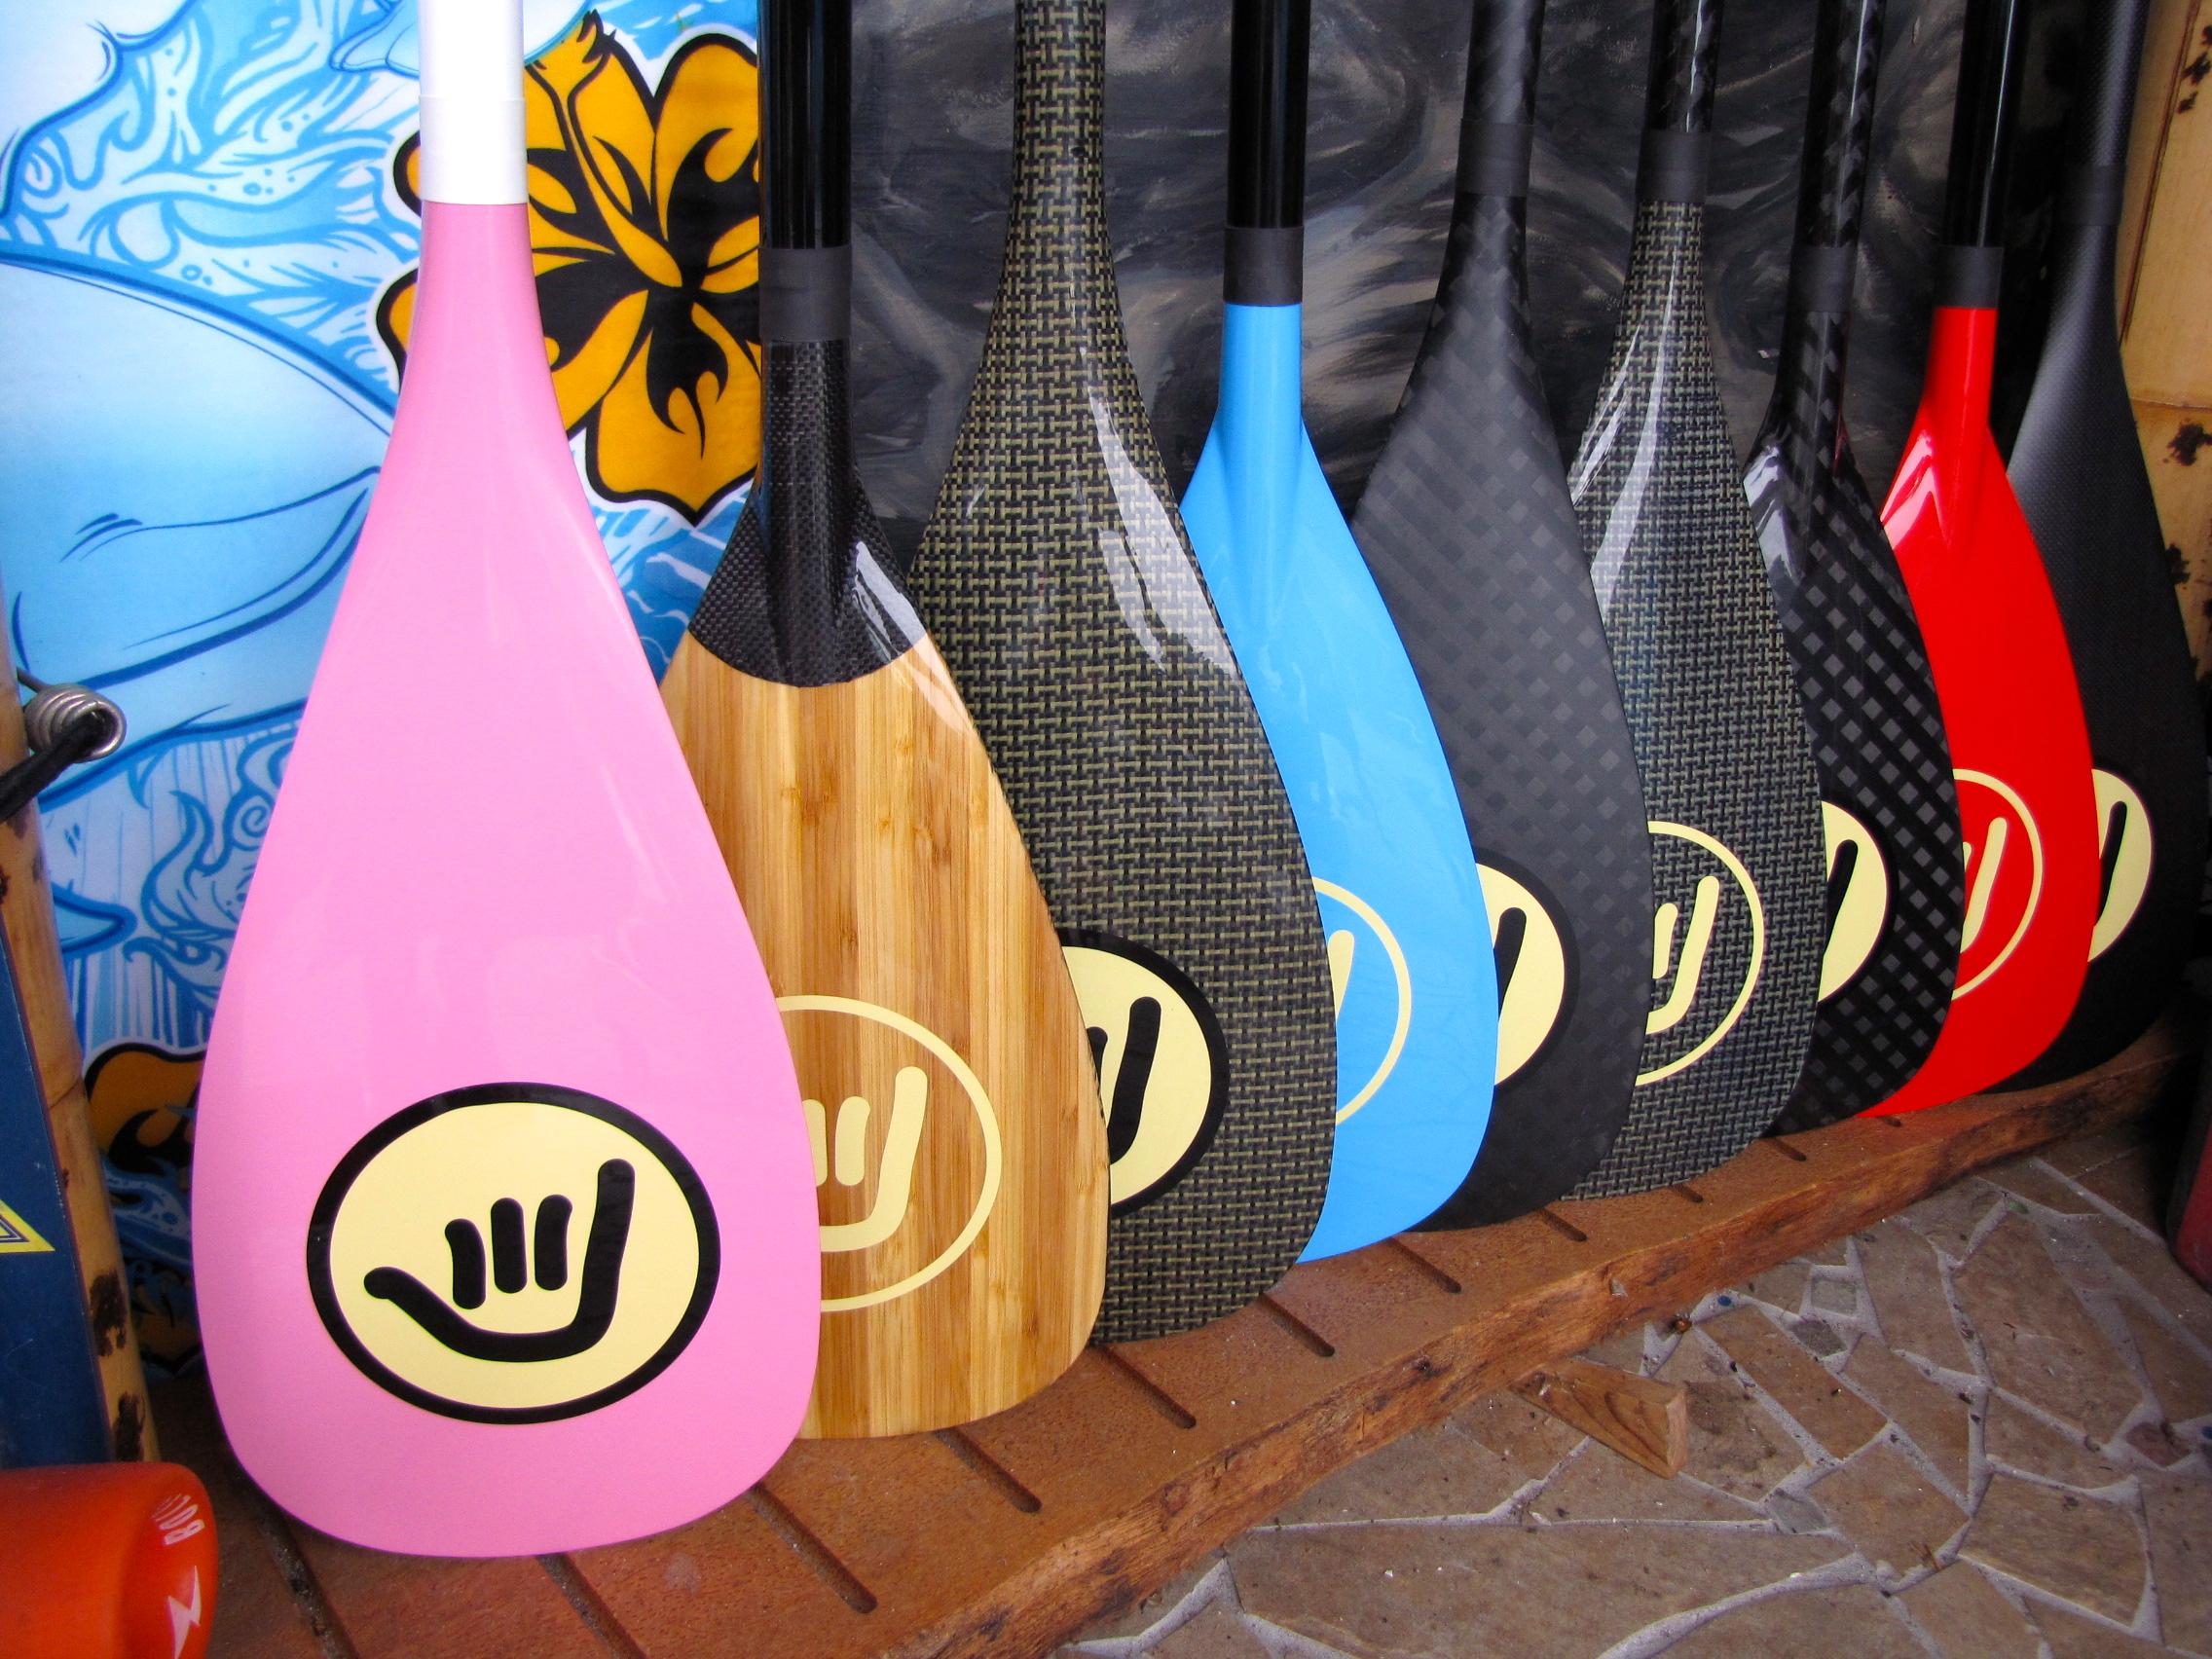 Shaka USA Carbon fiber sup paddle fiberglass sup paddle kevlar sup paddle quick blade sup paddle werner sup paddle stand up paddleboard adjustable paddle